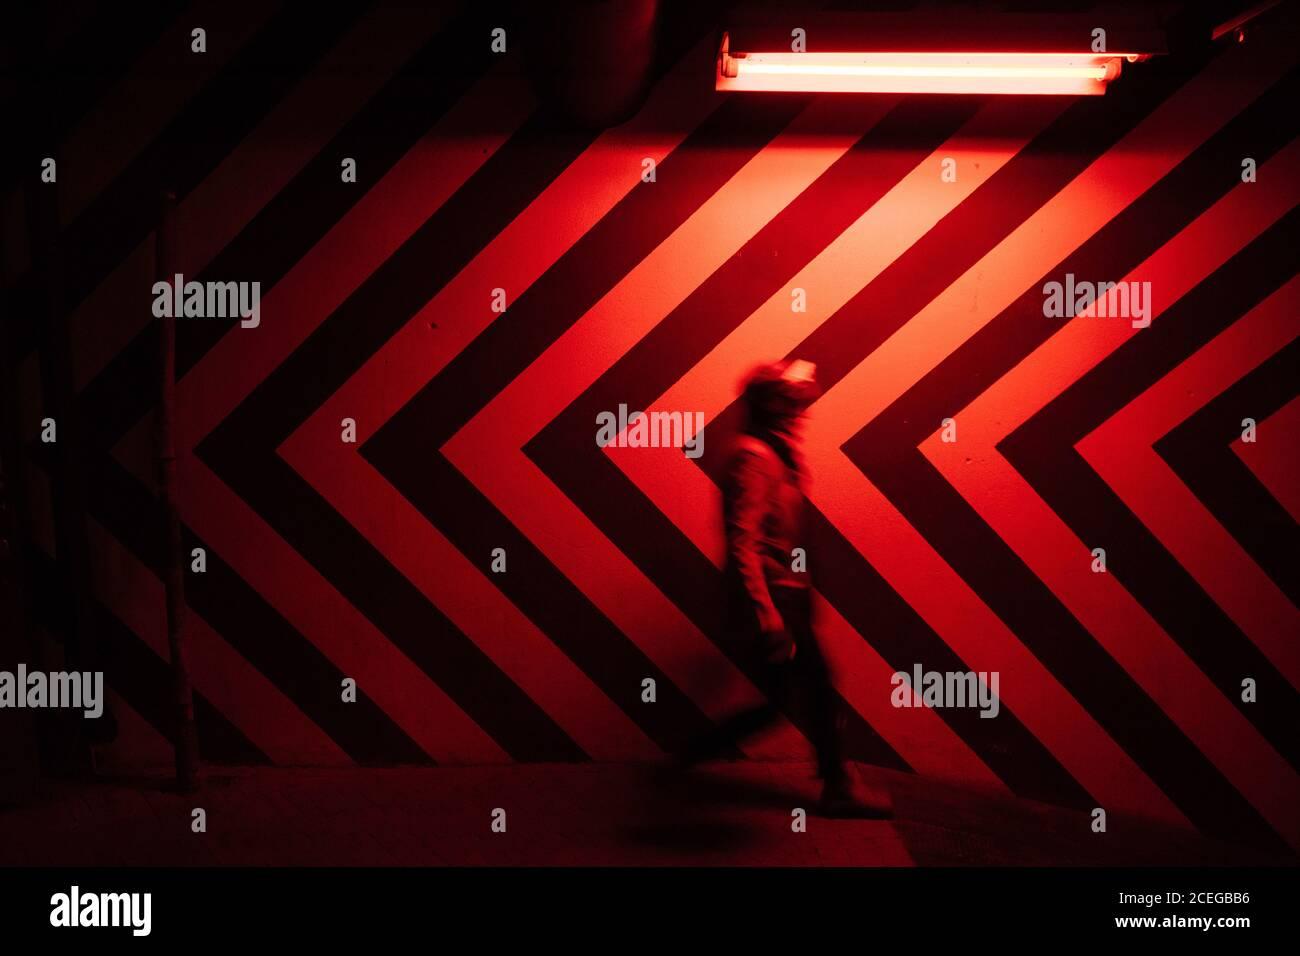 Vue latérale du mouvement représentation floue d'un homme qui marche vers le bas dans le tunnel dans la direction opposée aux grands rouges et noirs flèches sur le mur éclairées par des lampes rouges Banque D'Images